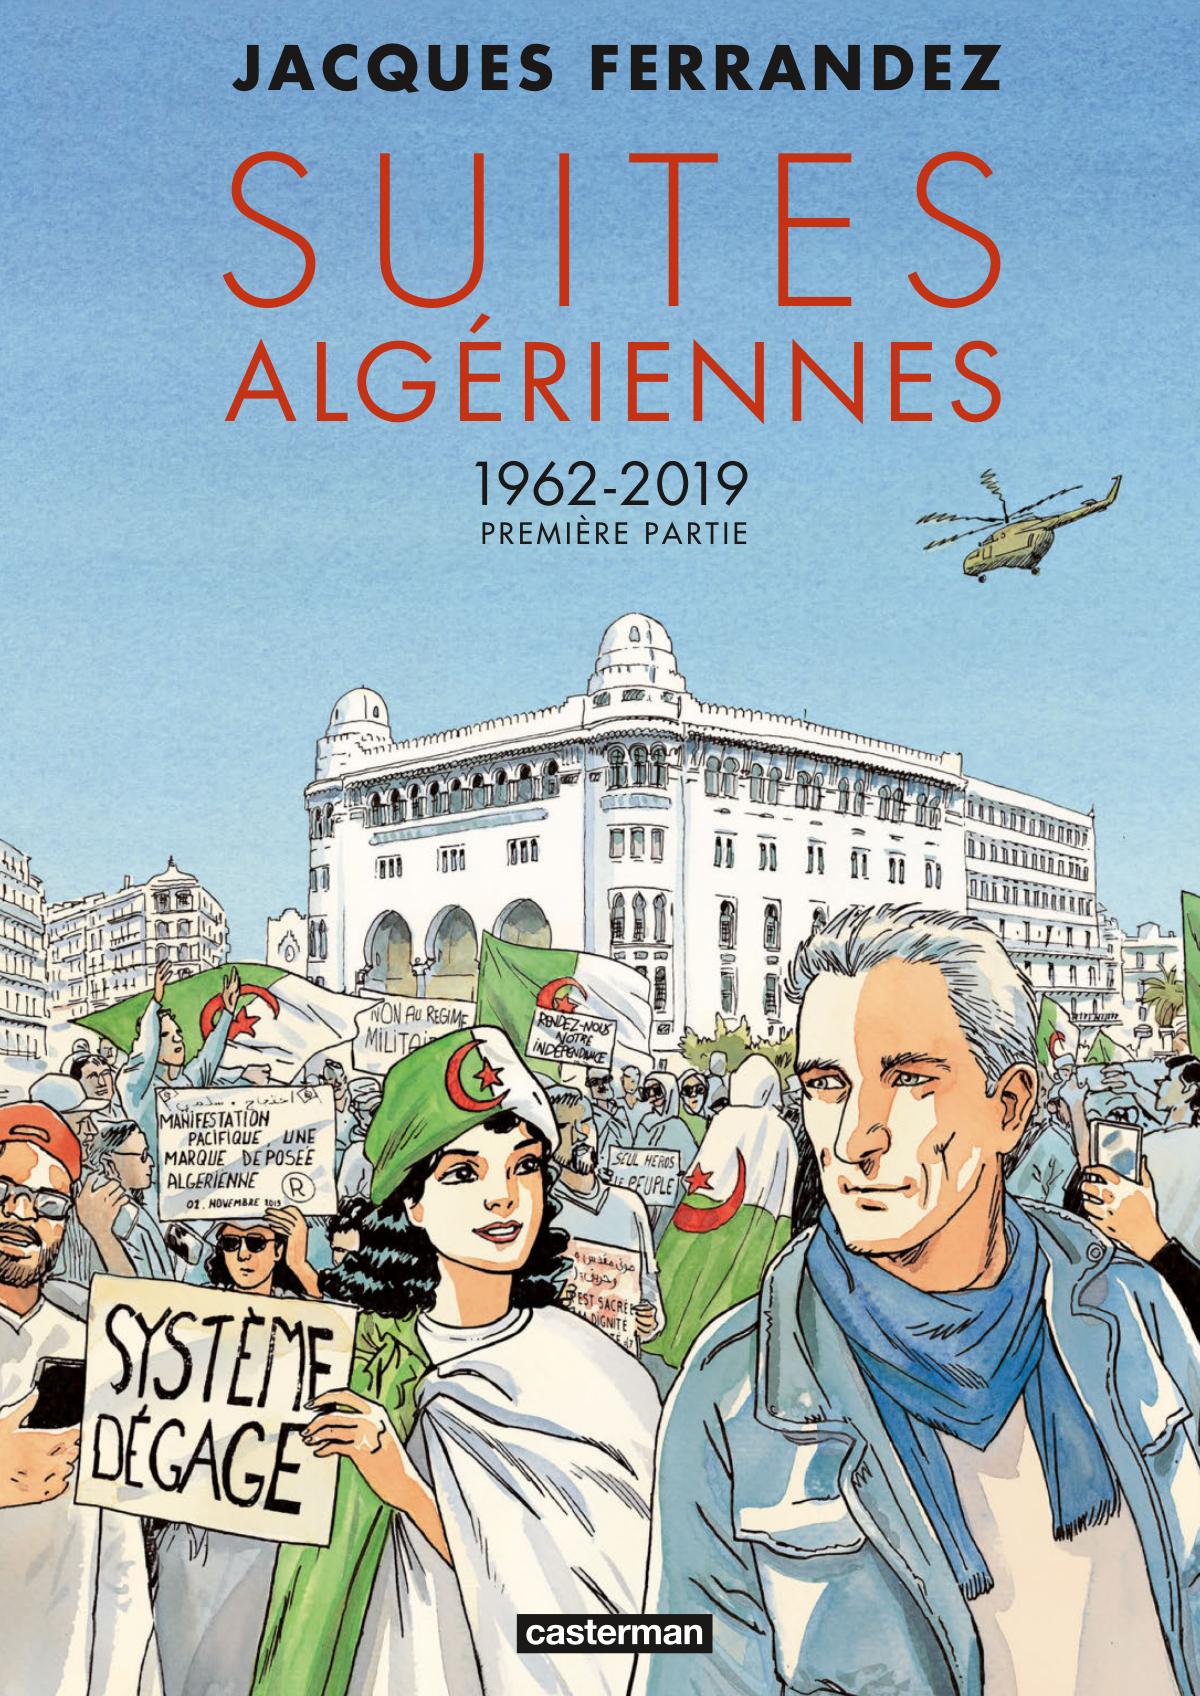 Z2NzOmNhbnRvb2todWItYXNzZXRzLWVkSuite algérienne Jacques Ferrandez